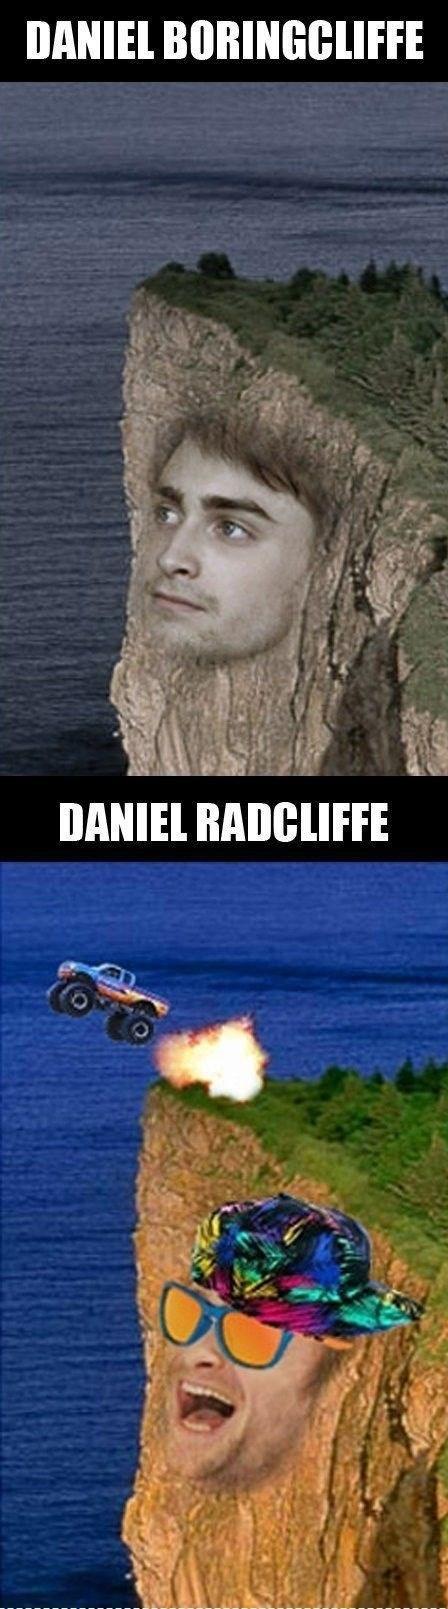 Daniel Radcliffe,puns,celeb